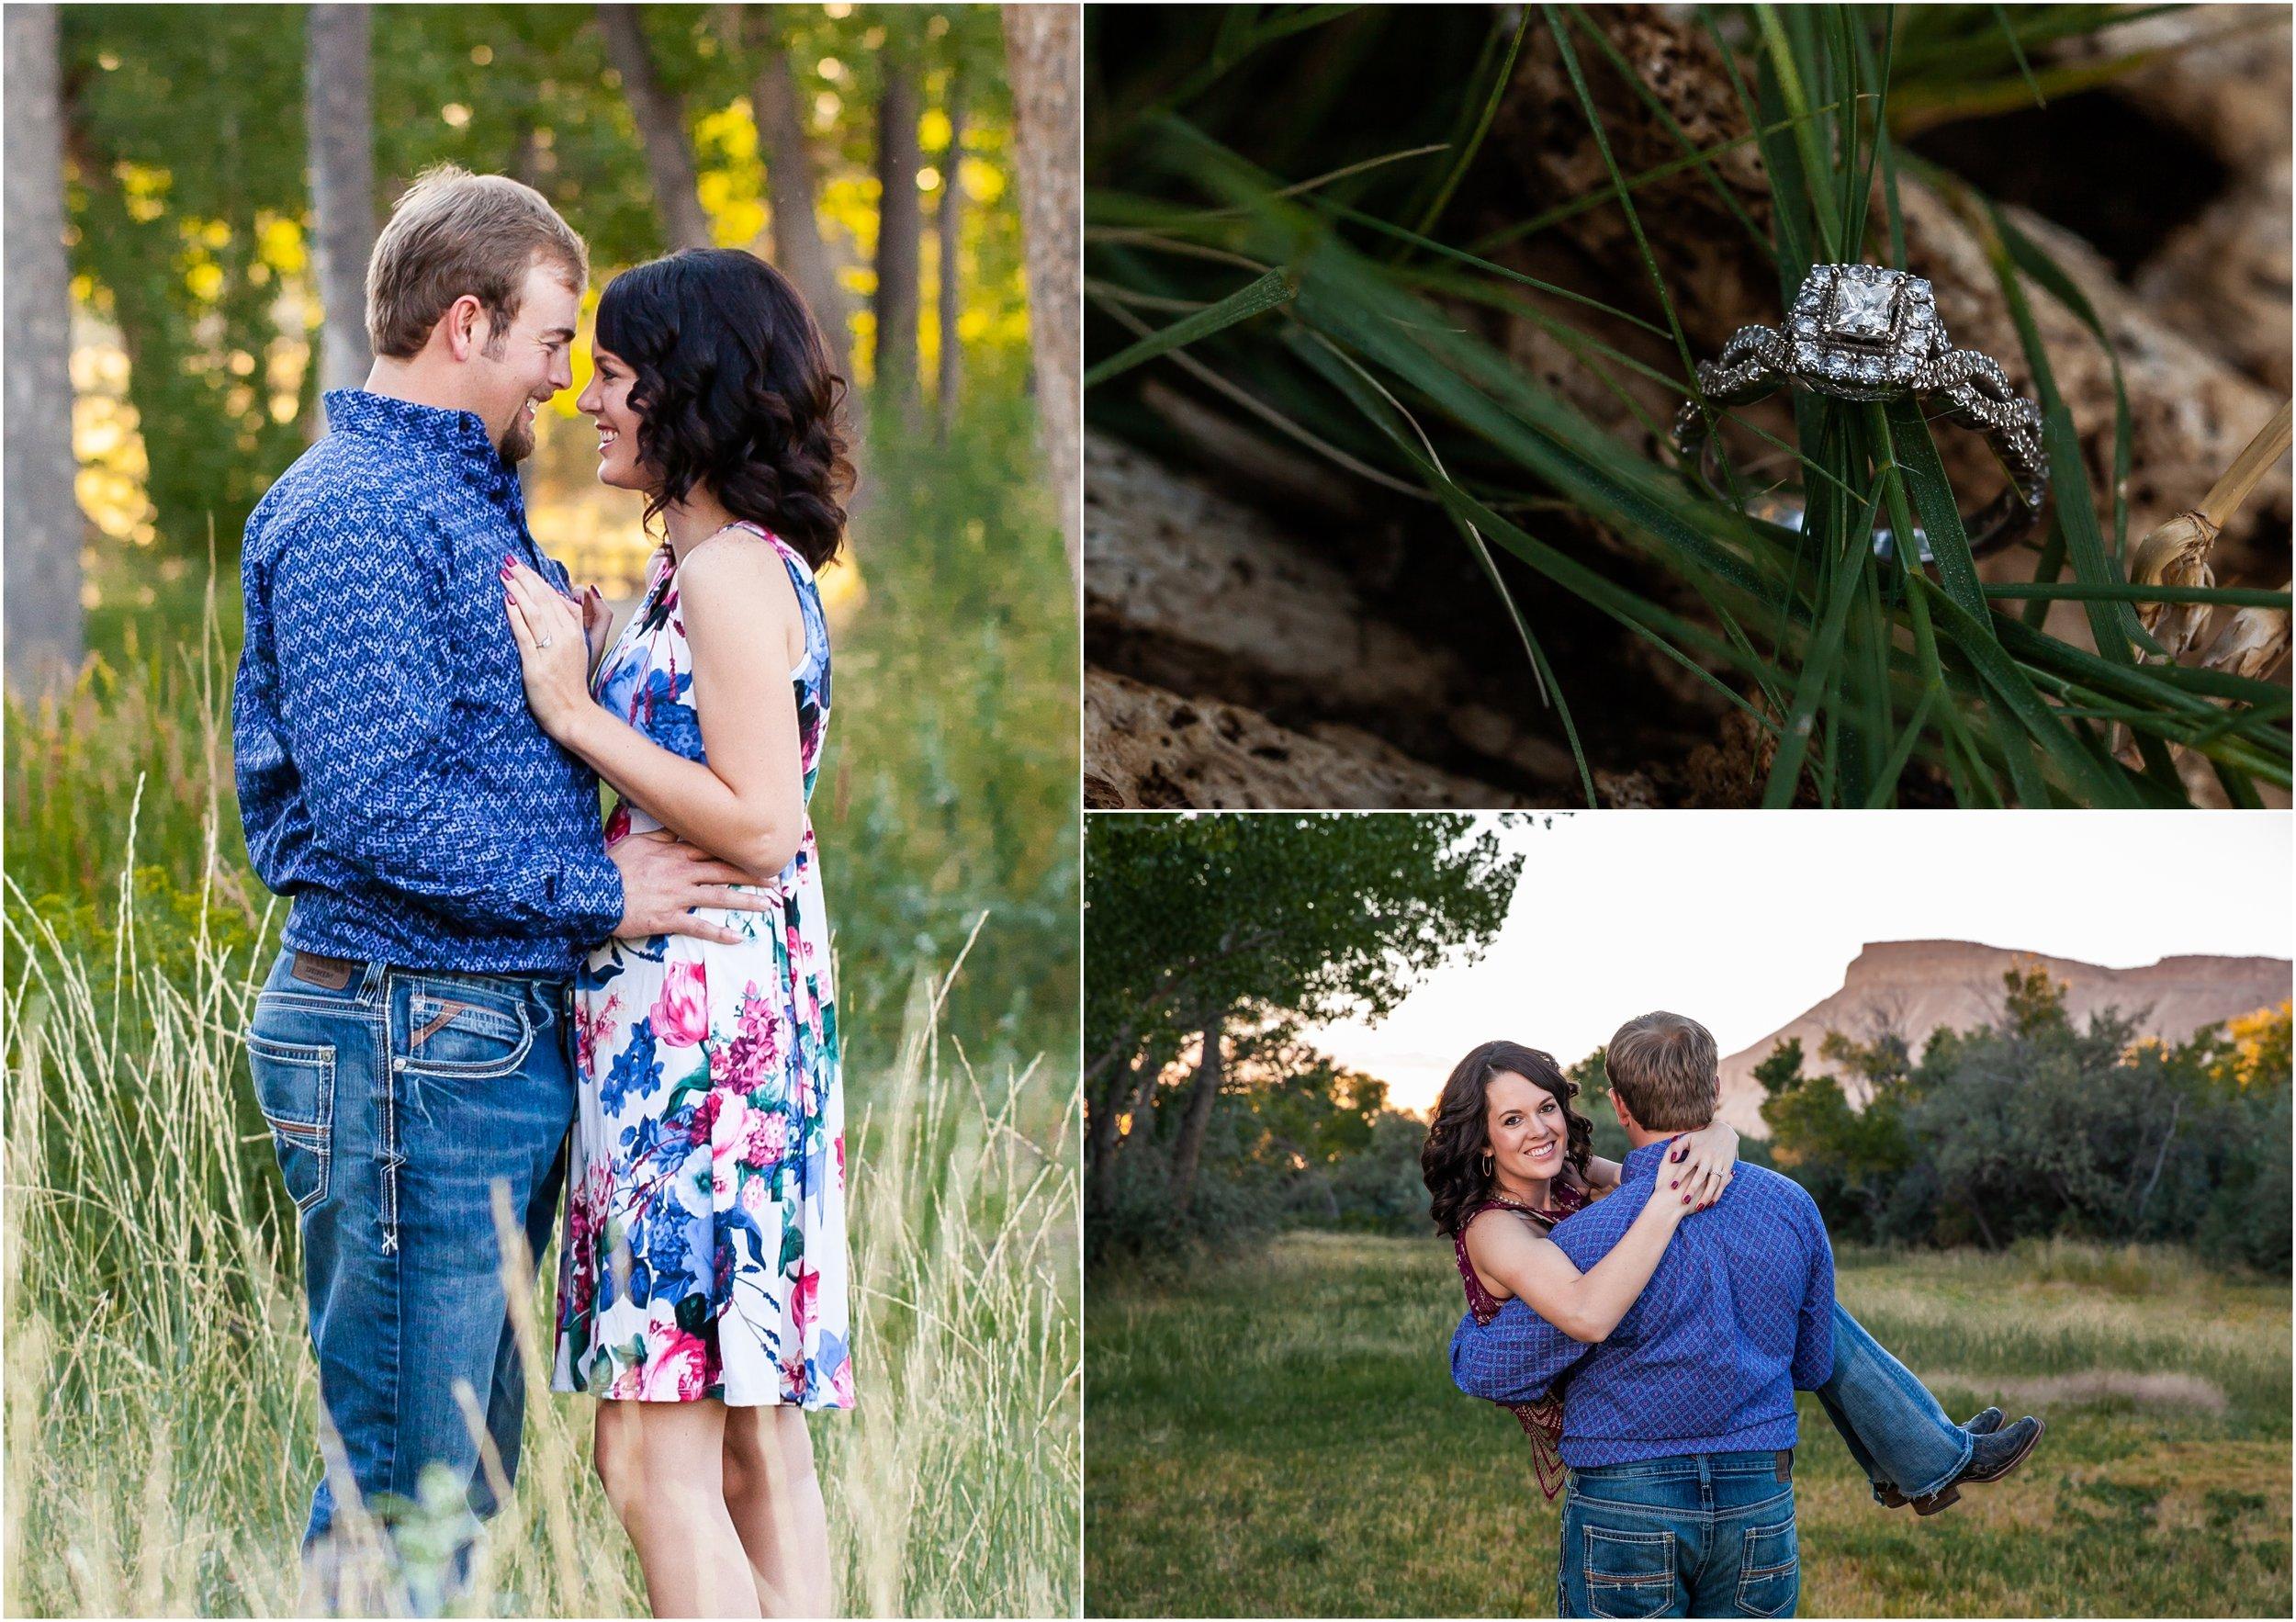 Grand Junction Engagement Photographer 3.jpg